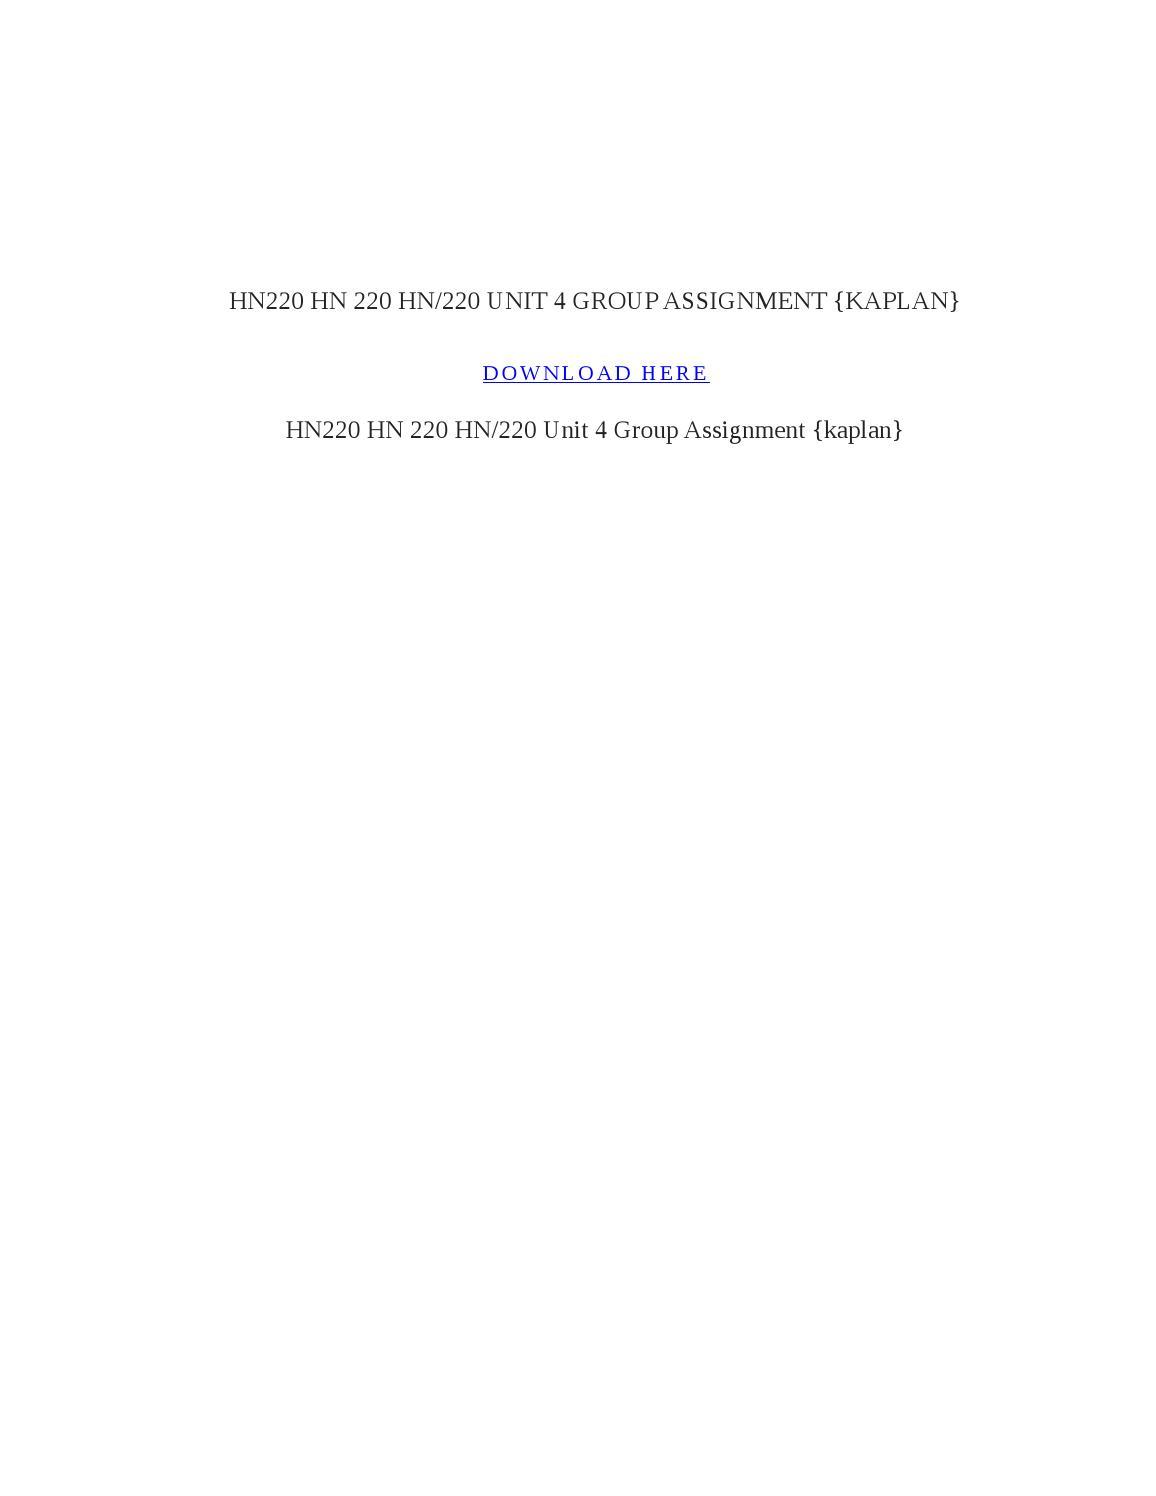 hn 220 unit 5 assignment the Cm220 cm/220 cm 220 unit 4 assignment annotated bibliography kaplan cm220 cm/220 cm 220 unit 4 assignment annotated bibliography kaplan download here.